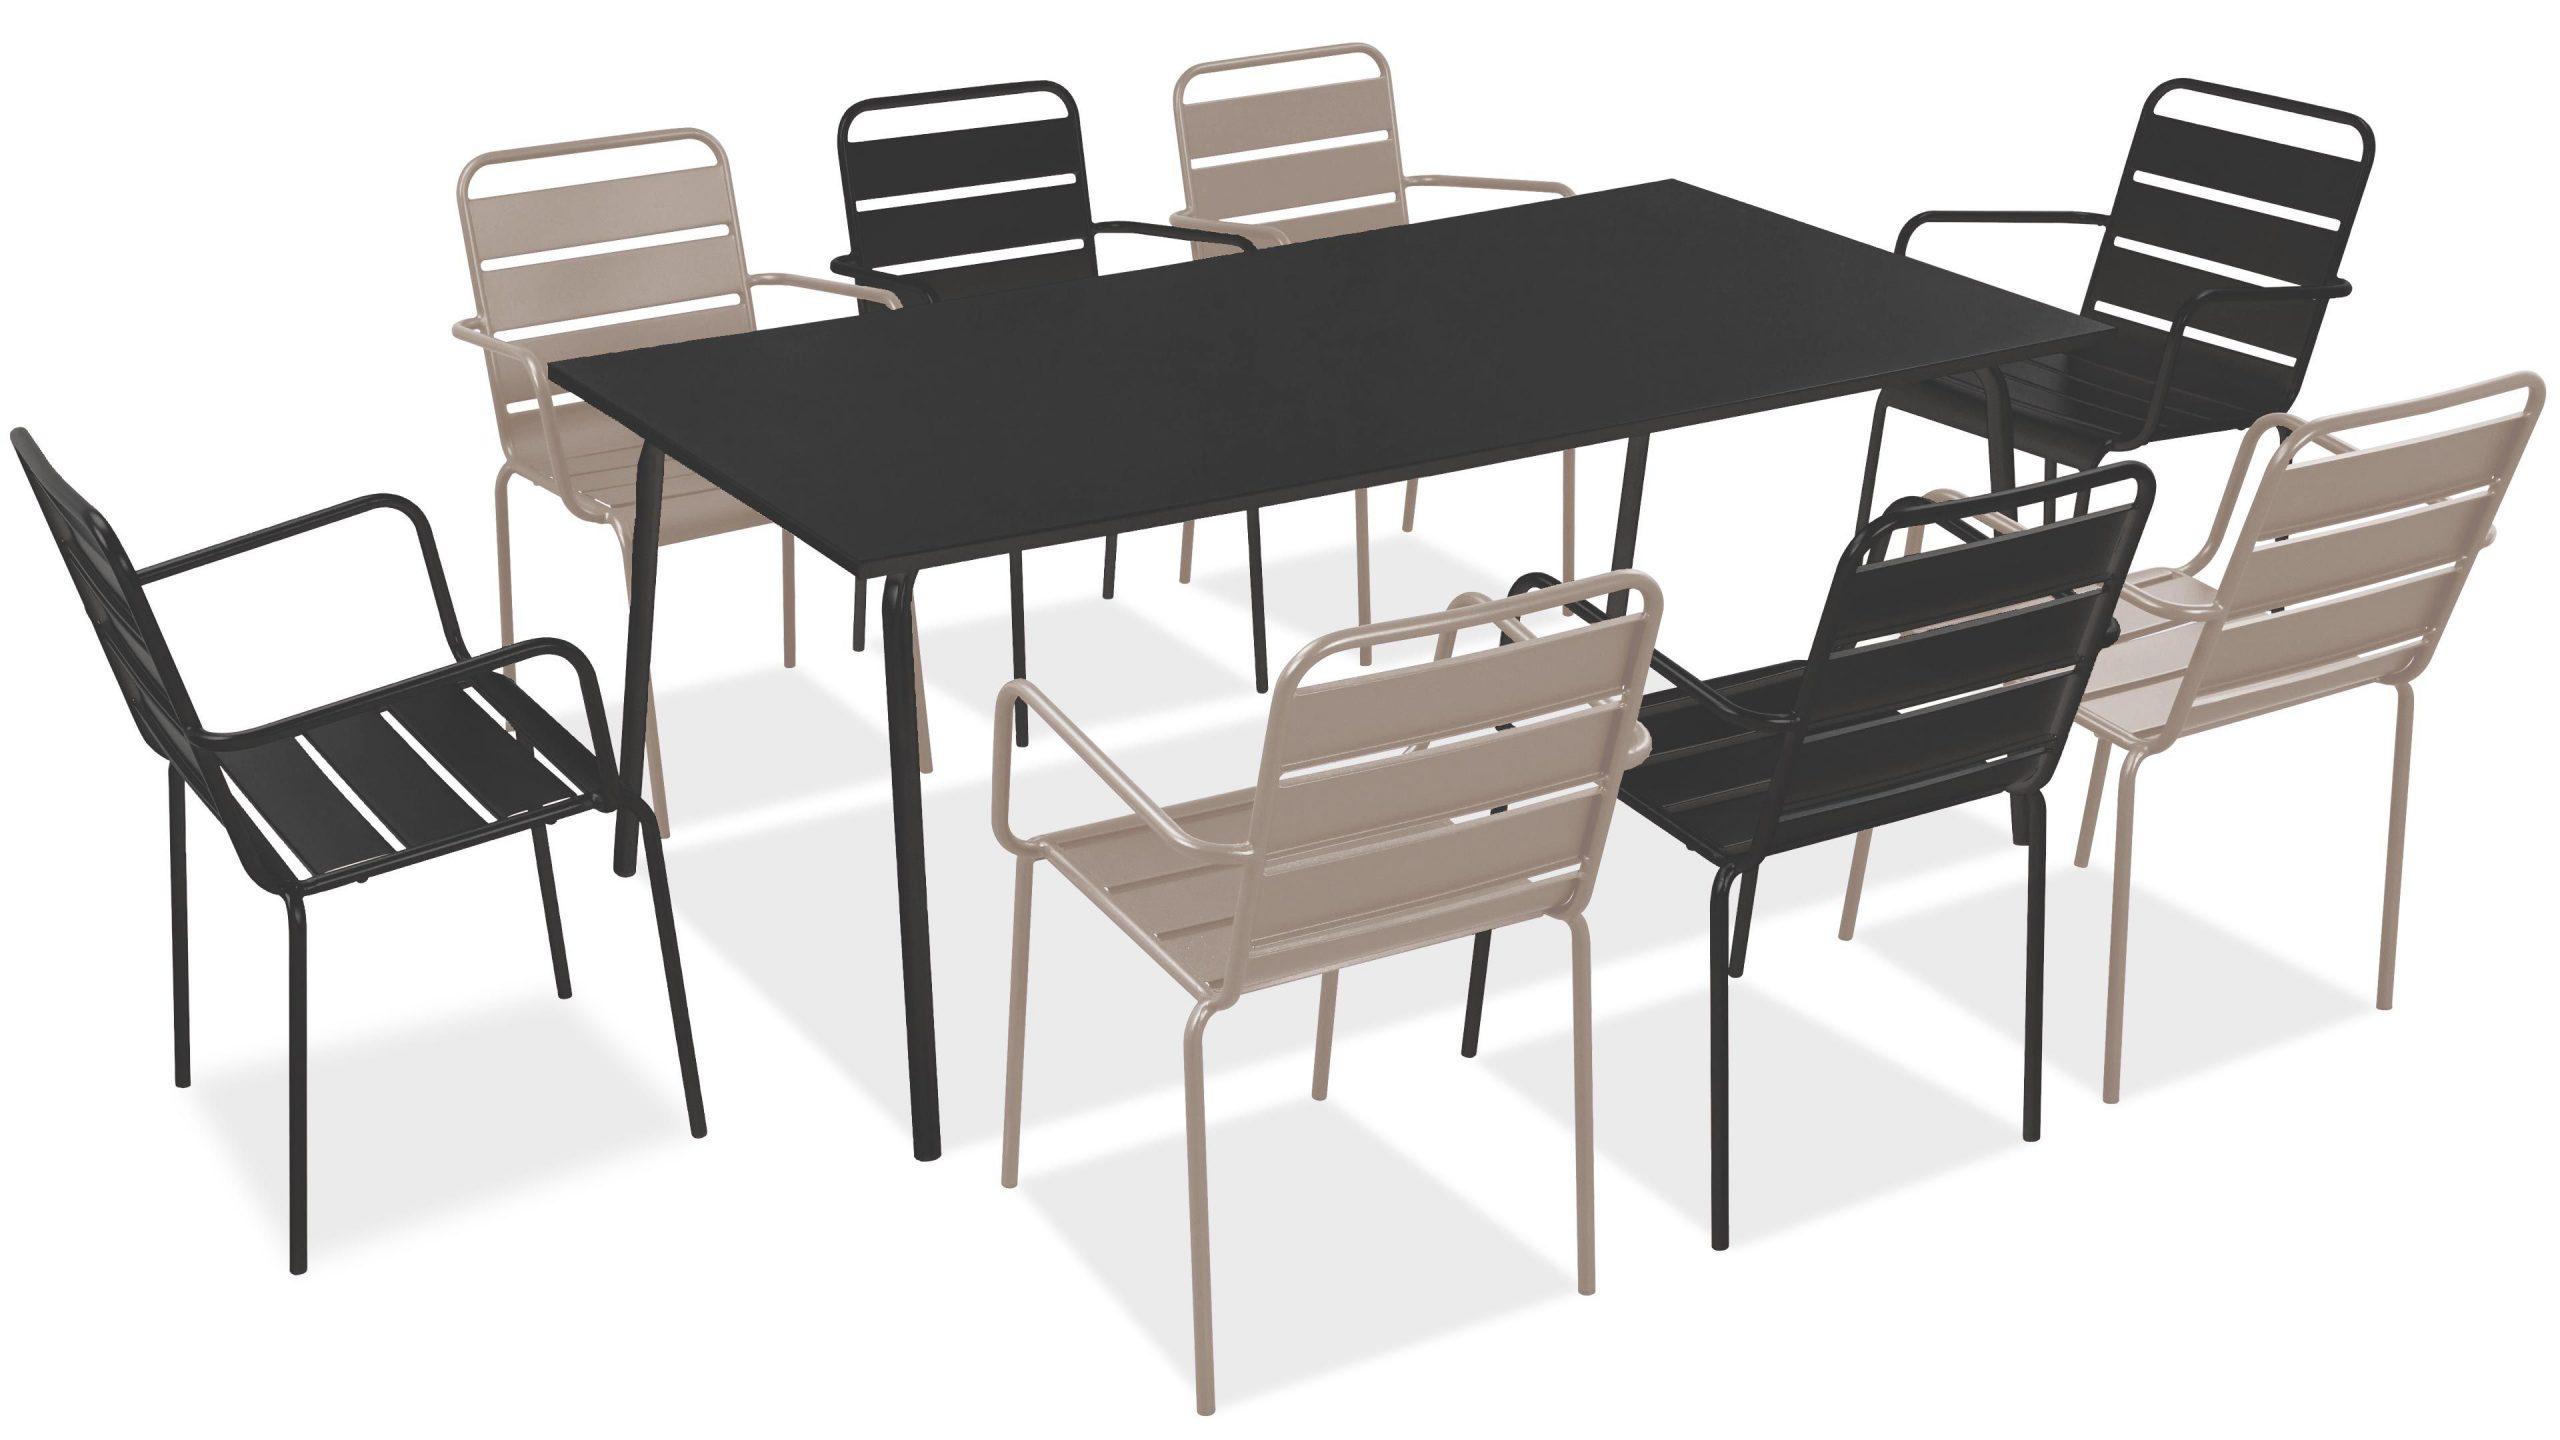 Salon De Jardin Metal Table Et Fauteuils dedans Salon De Jardin Table Haute